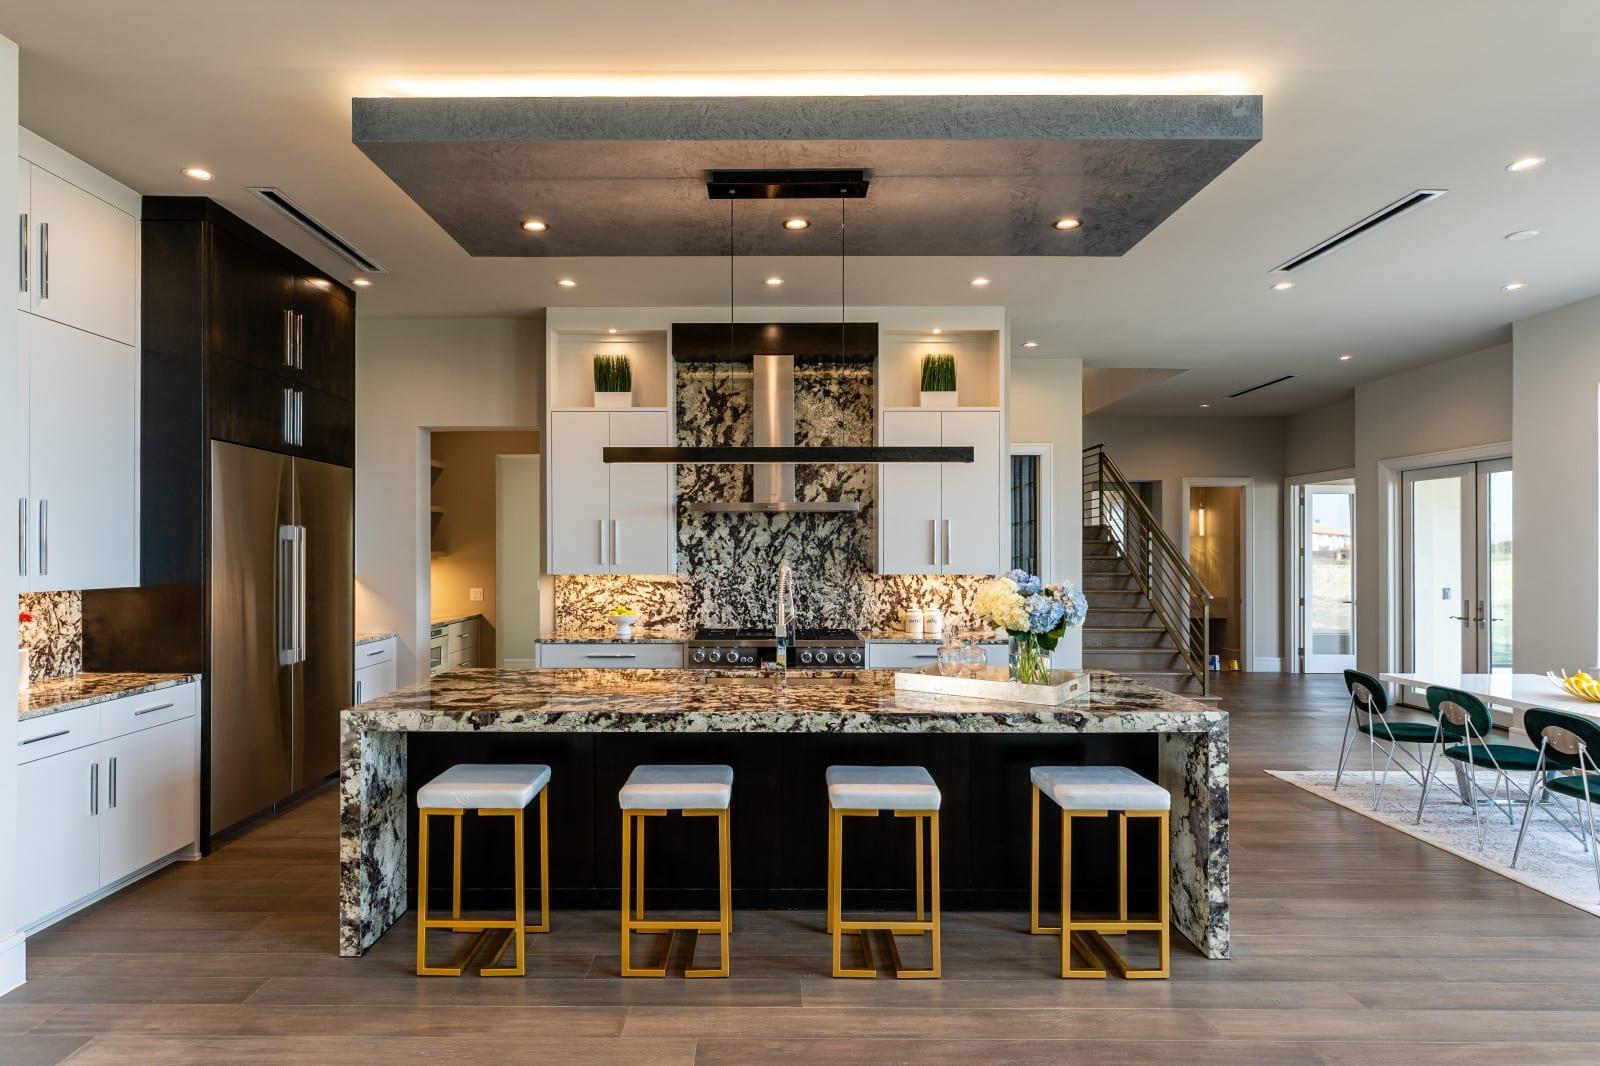 modern home design 1 - Millennial Design + Build